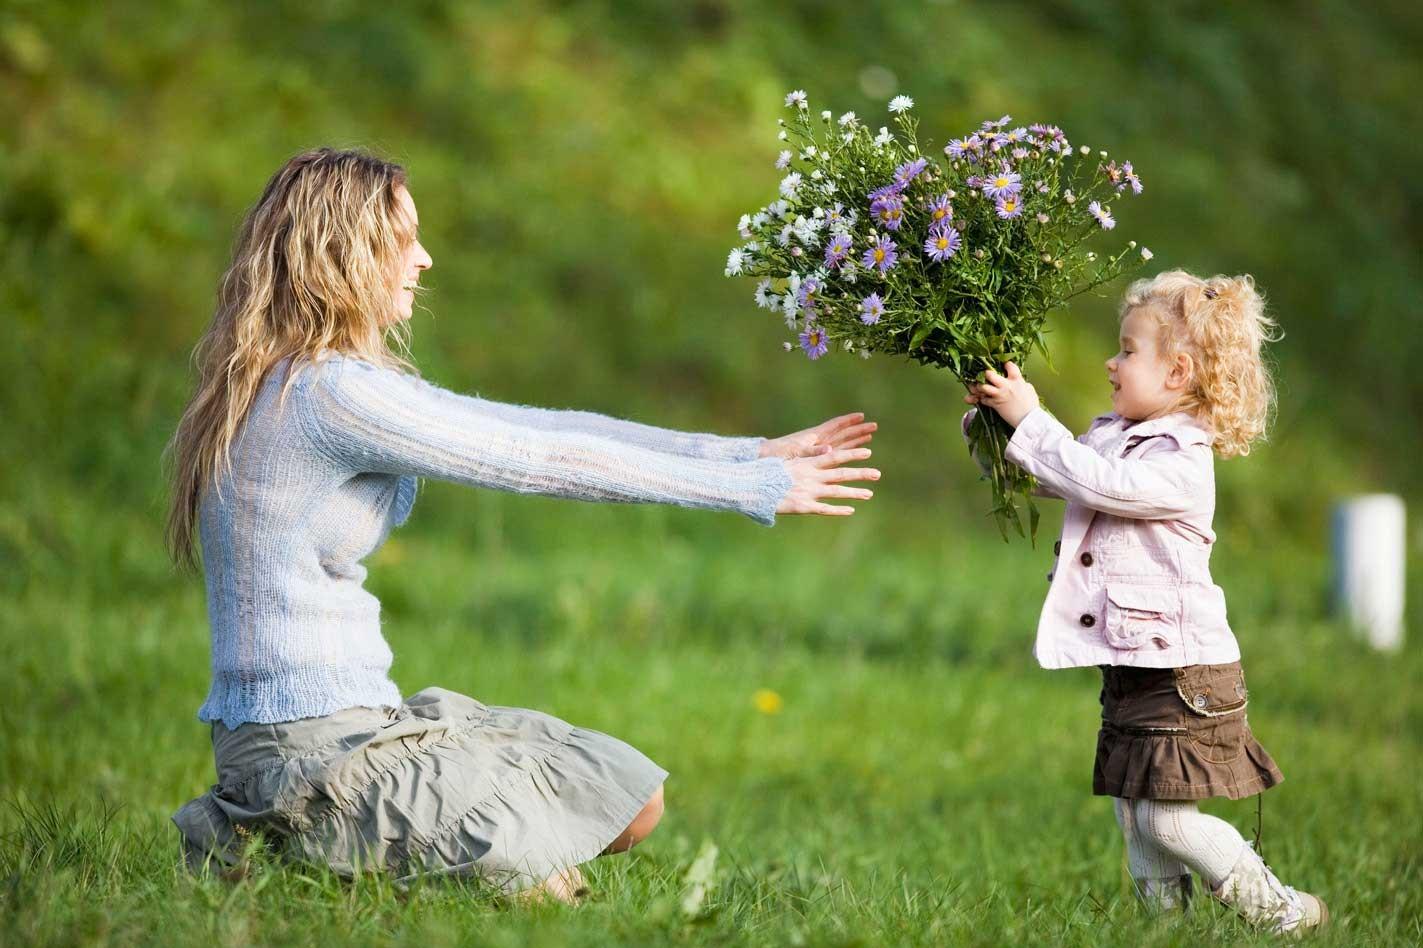 Мало что радует сильнее, чем знаки любви от собственных детей